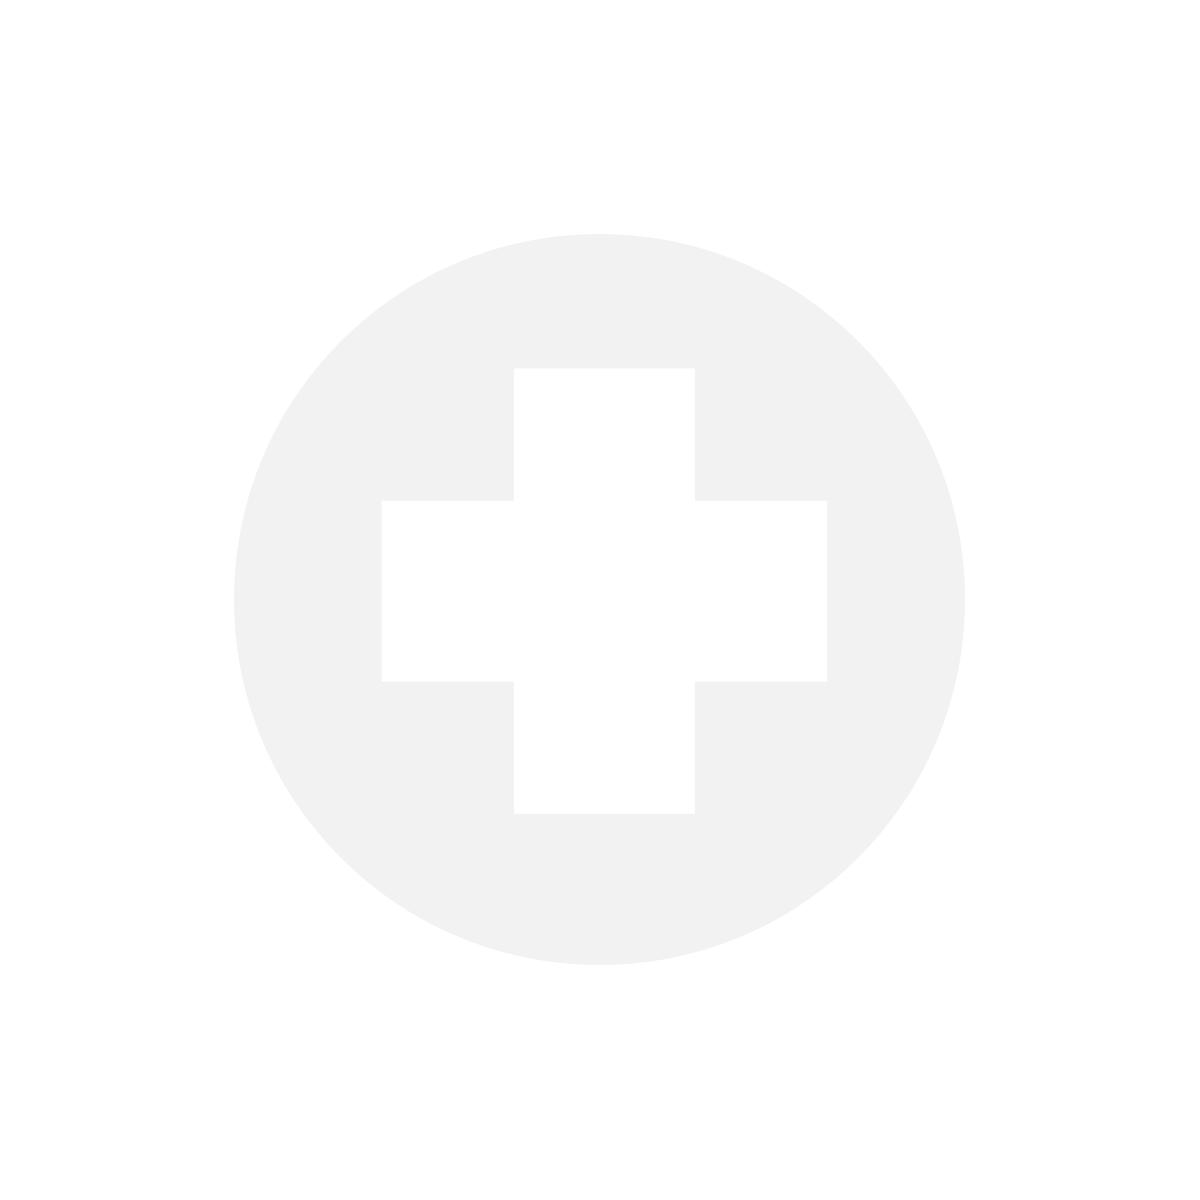 Anatomie fonctionnelle • Tome 3 • Tête et rachis